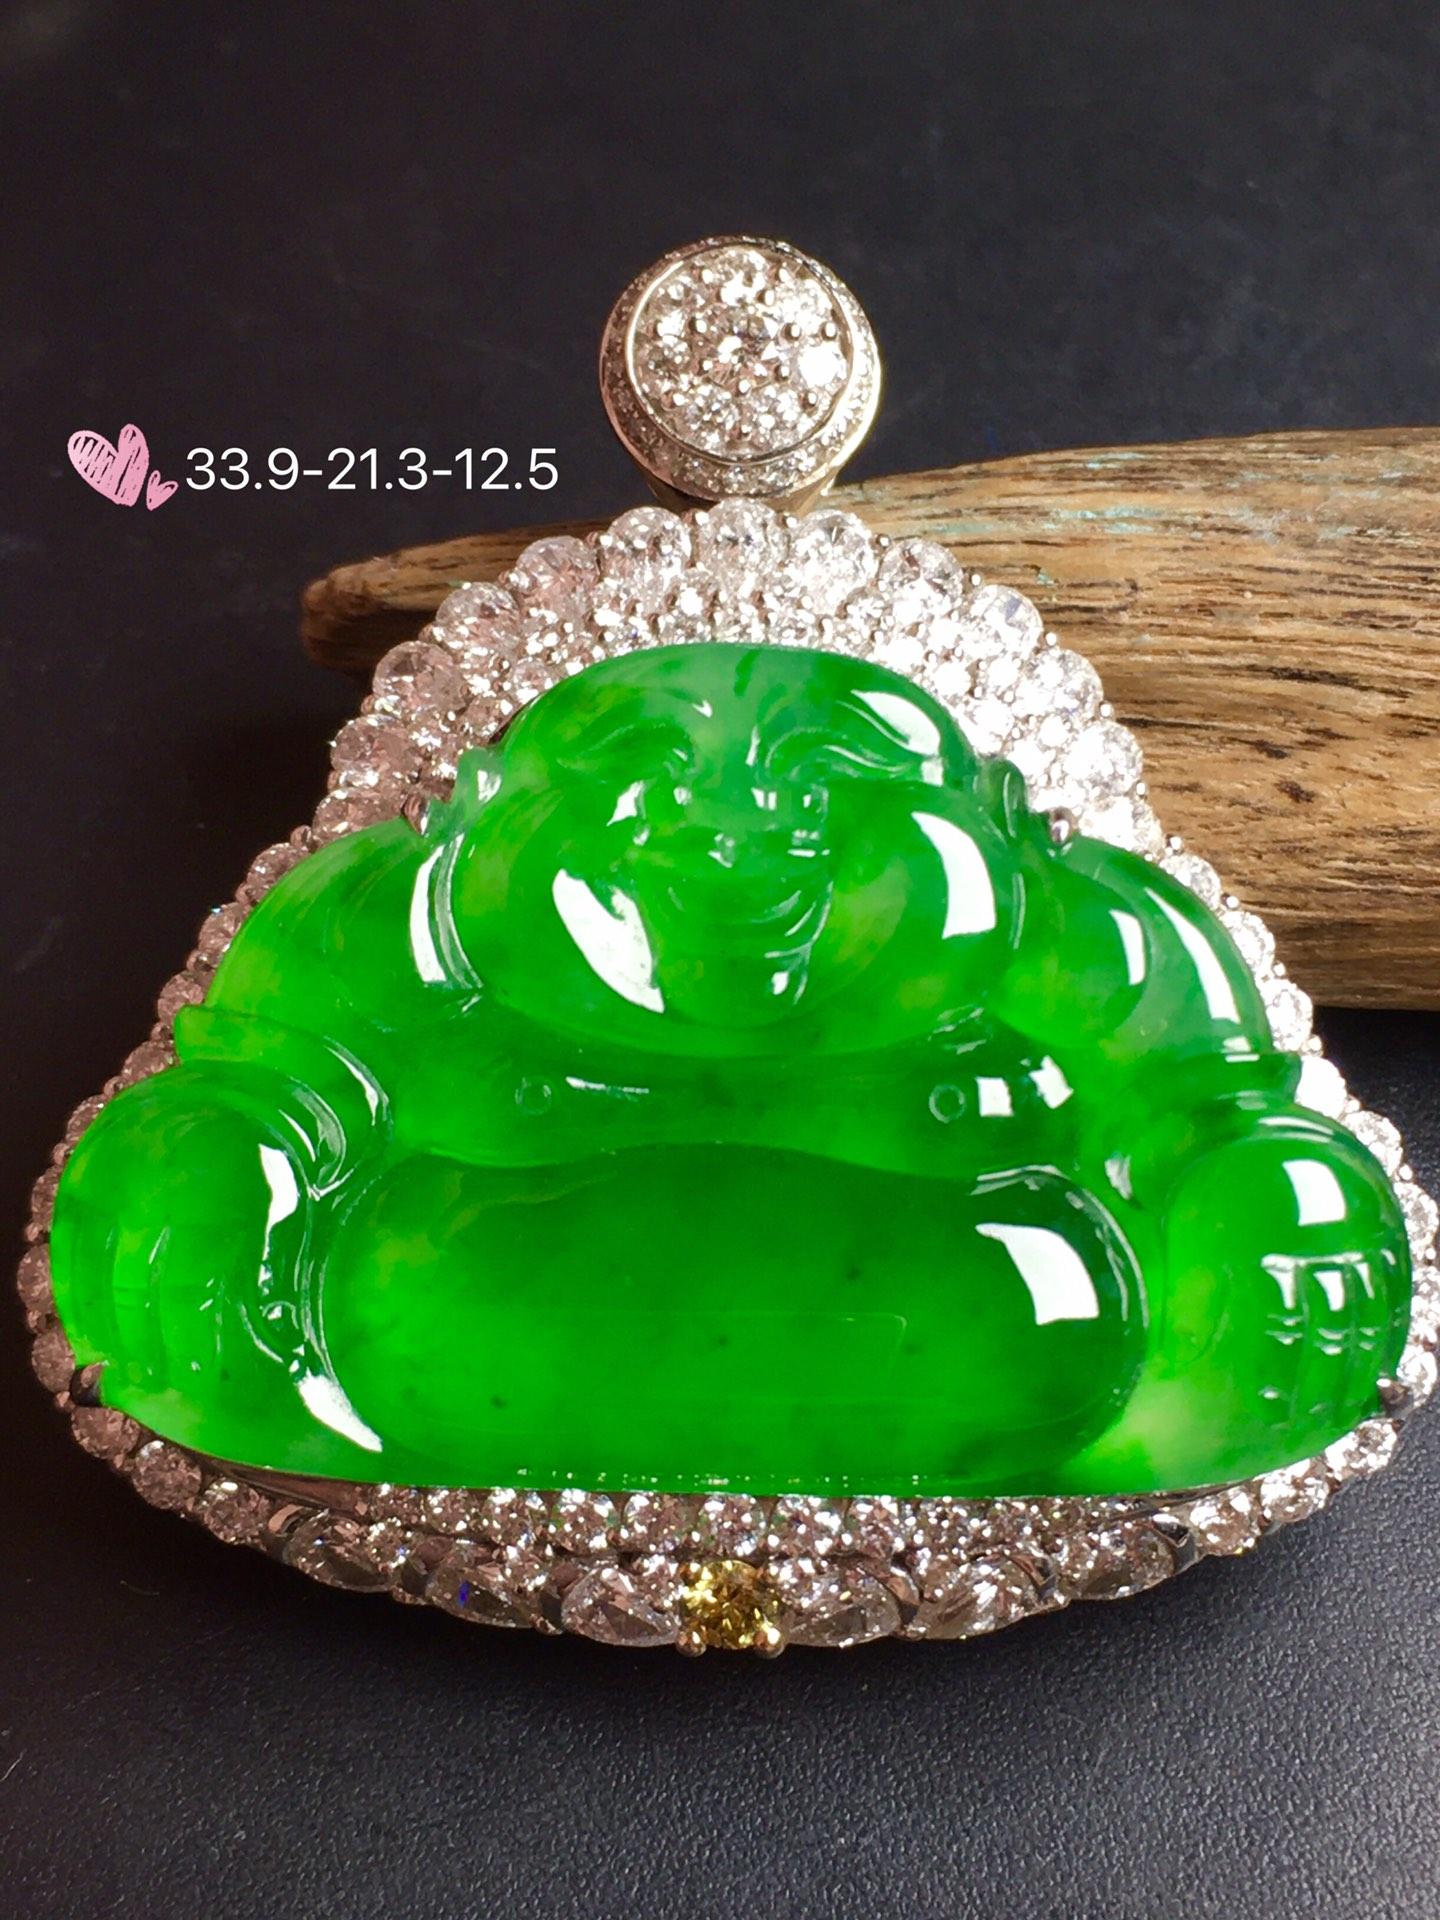 价:【大佛,冰正阳绿】很冰透,润水细腻,完美,18k金华奢钻镶石嵌☕